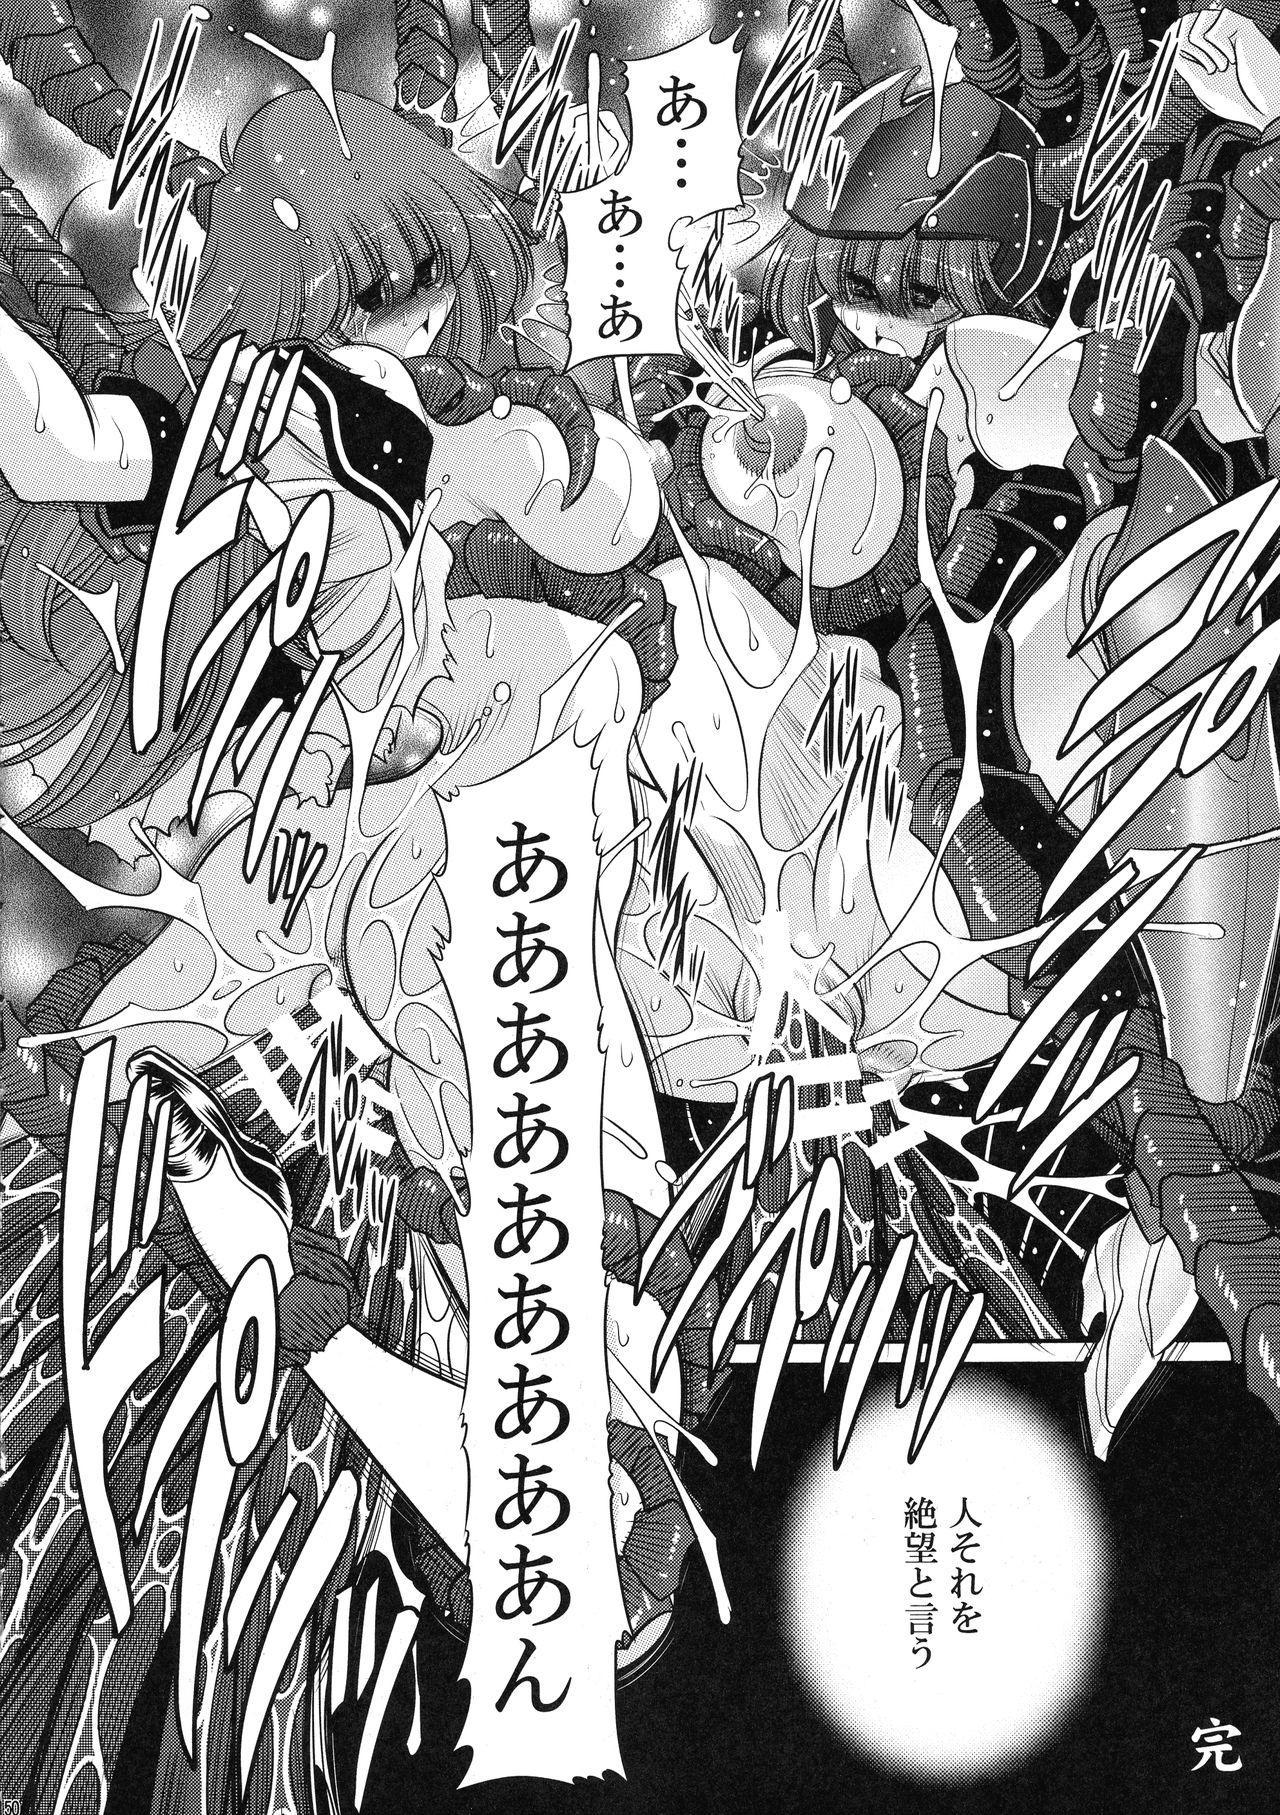 Cronos no Dai Gyakushuu 49